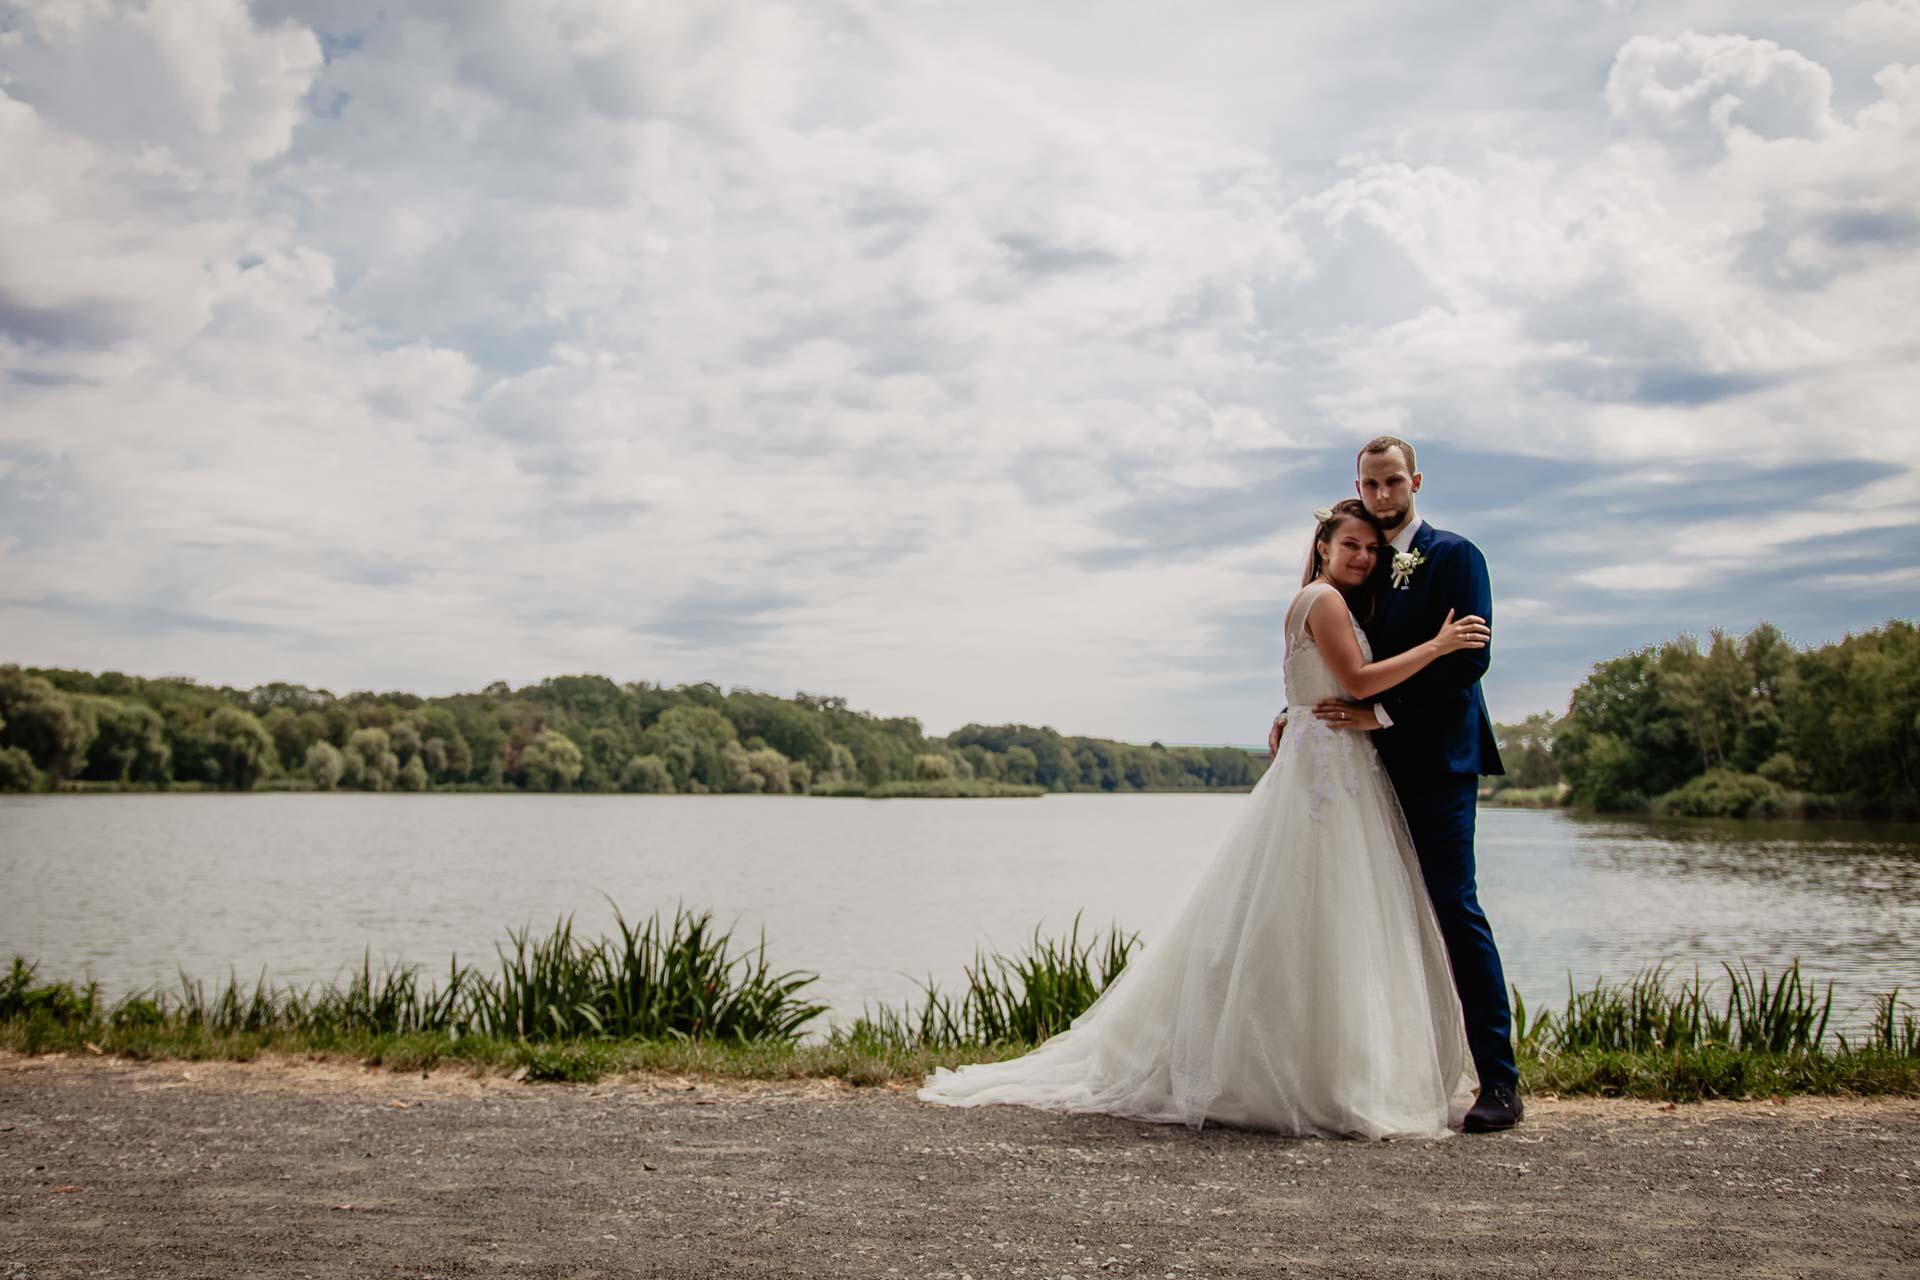 svatební-fotograf-dolní-počernice-svatební-fotograf-Zámecký-park-Dolní-Počernice-122